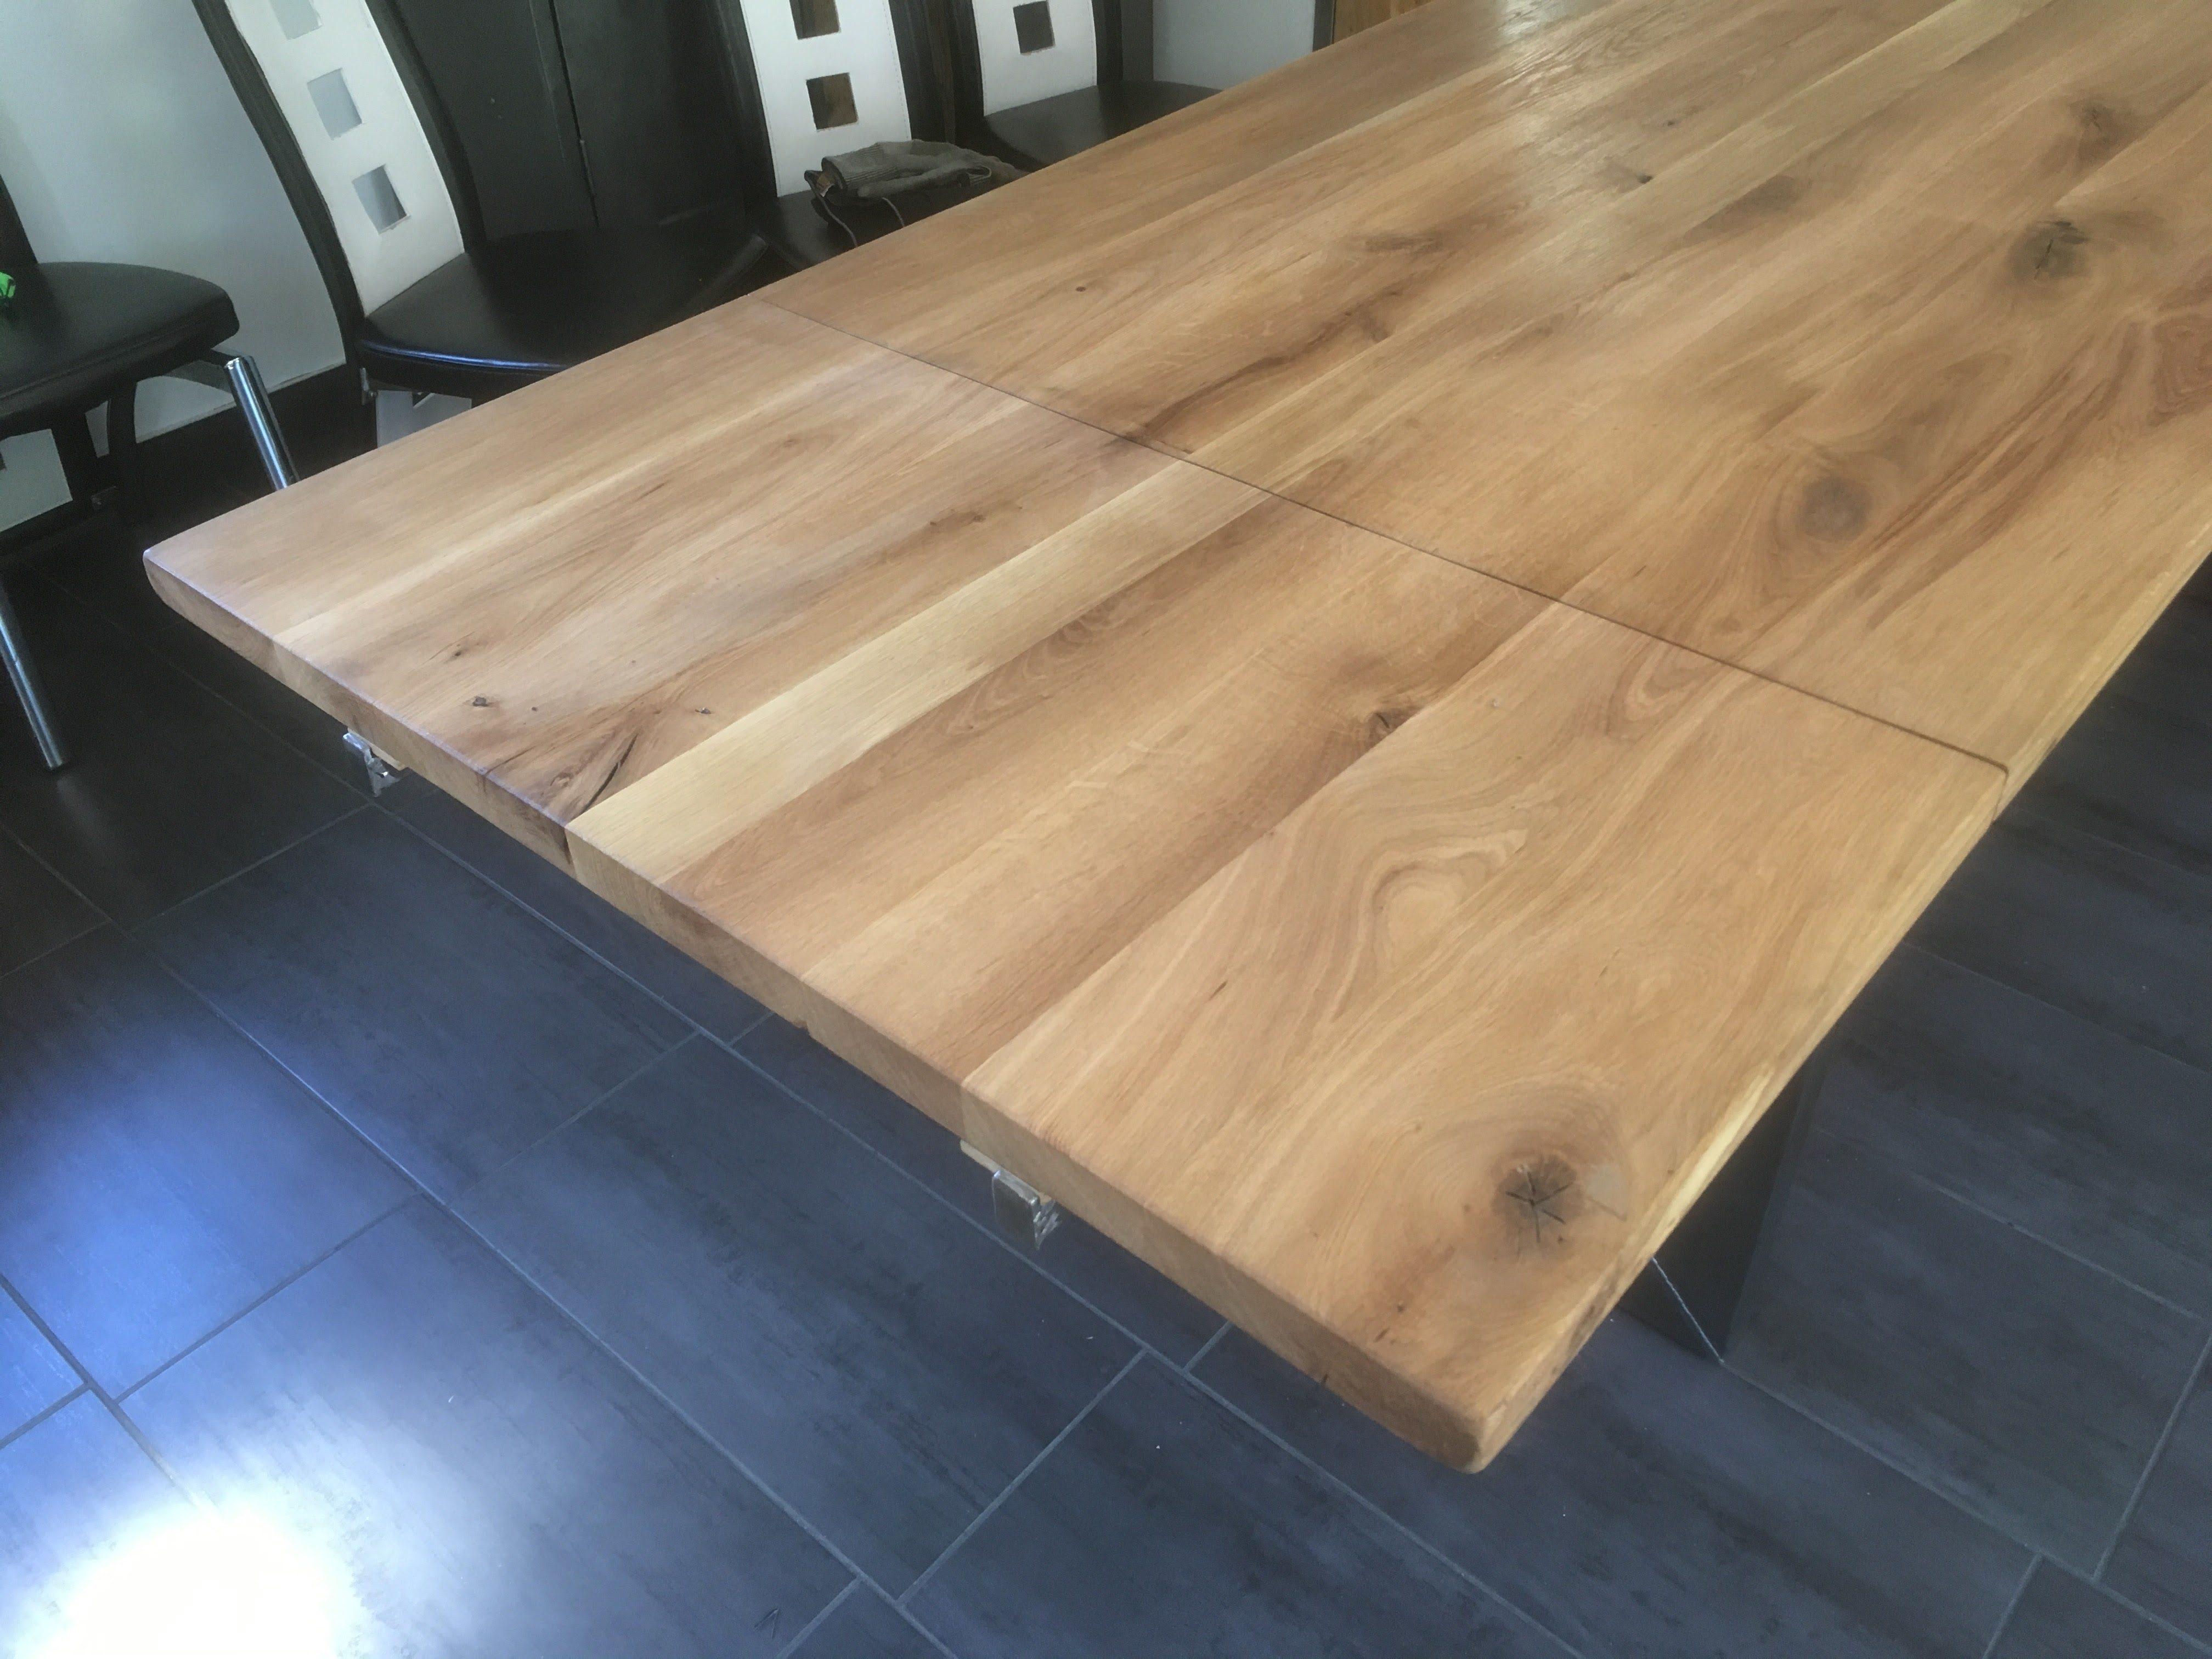 syst me de rallonge pour table en bois cr ation sur mesure. Black Bedroom Furniture Sets. Home Design Ideas